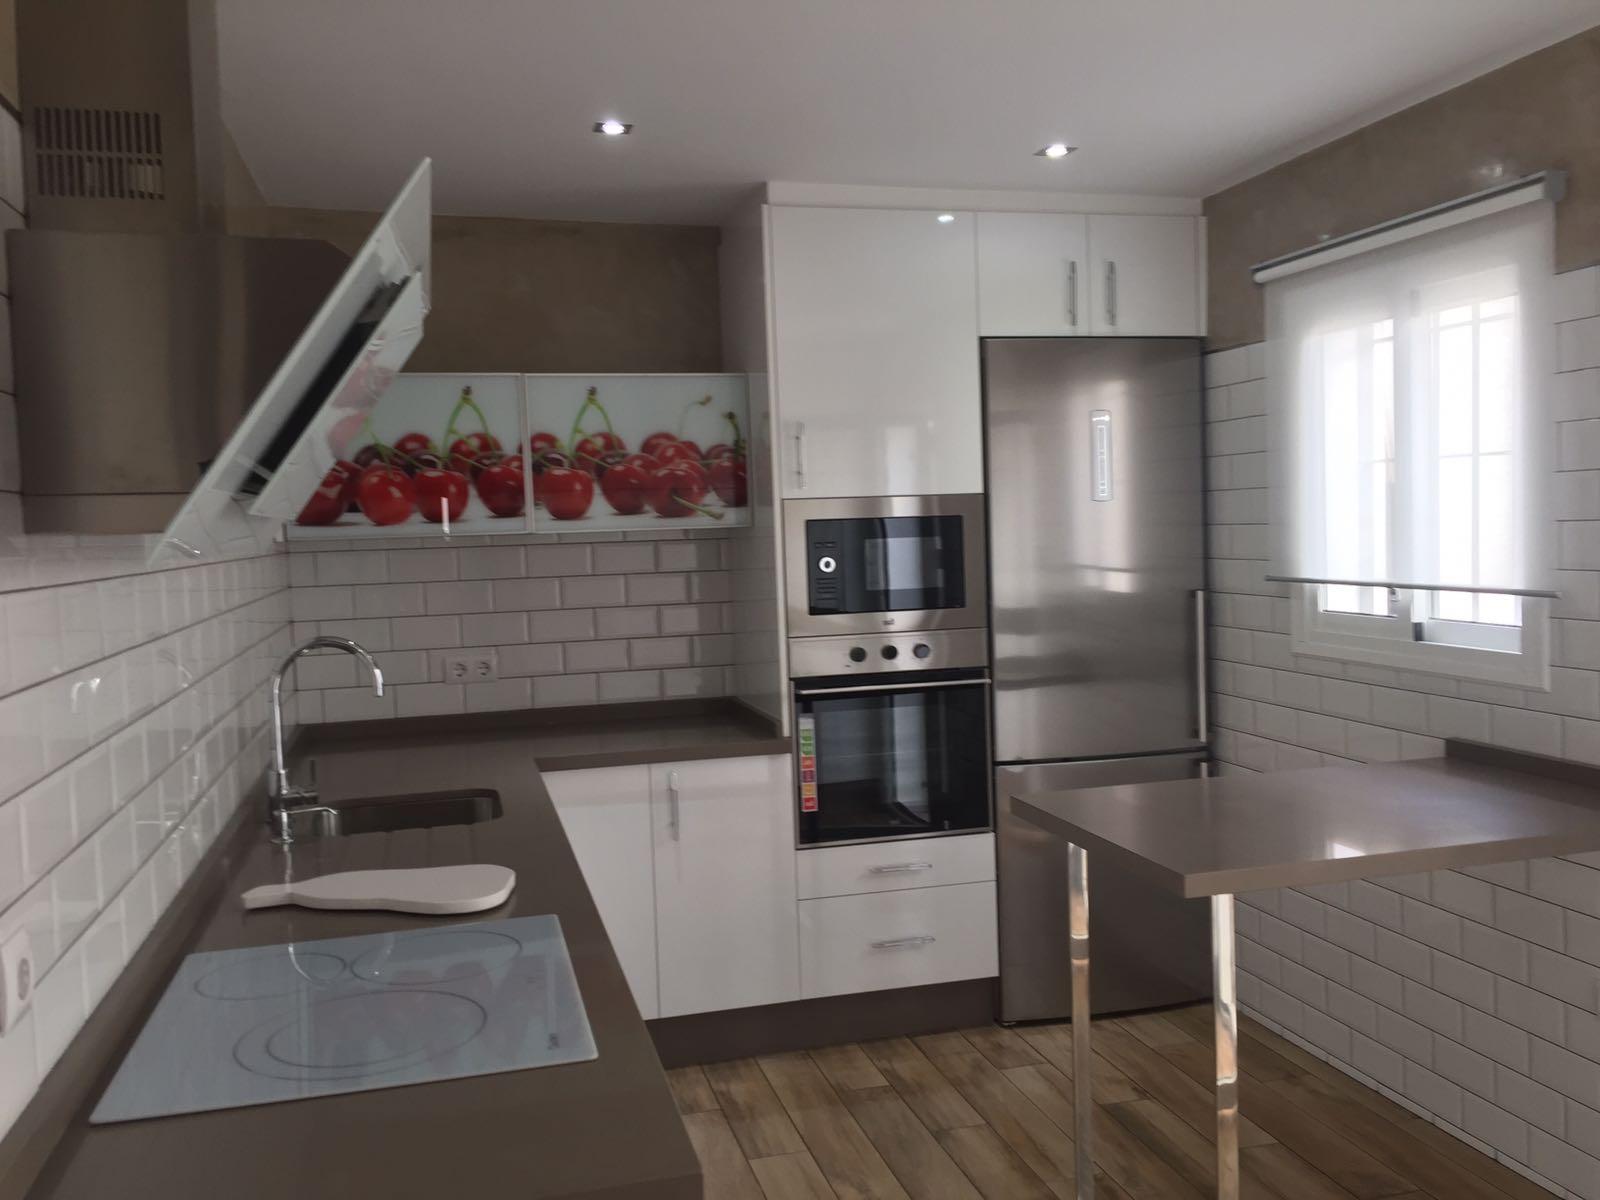 Muebles Sevilla Dwdk Best Store Sales Furniture Kitchen Aljarafe Kitchen